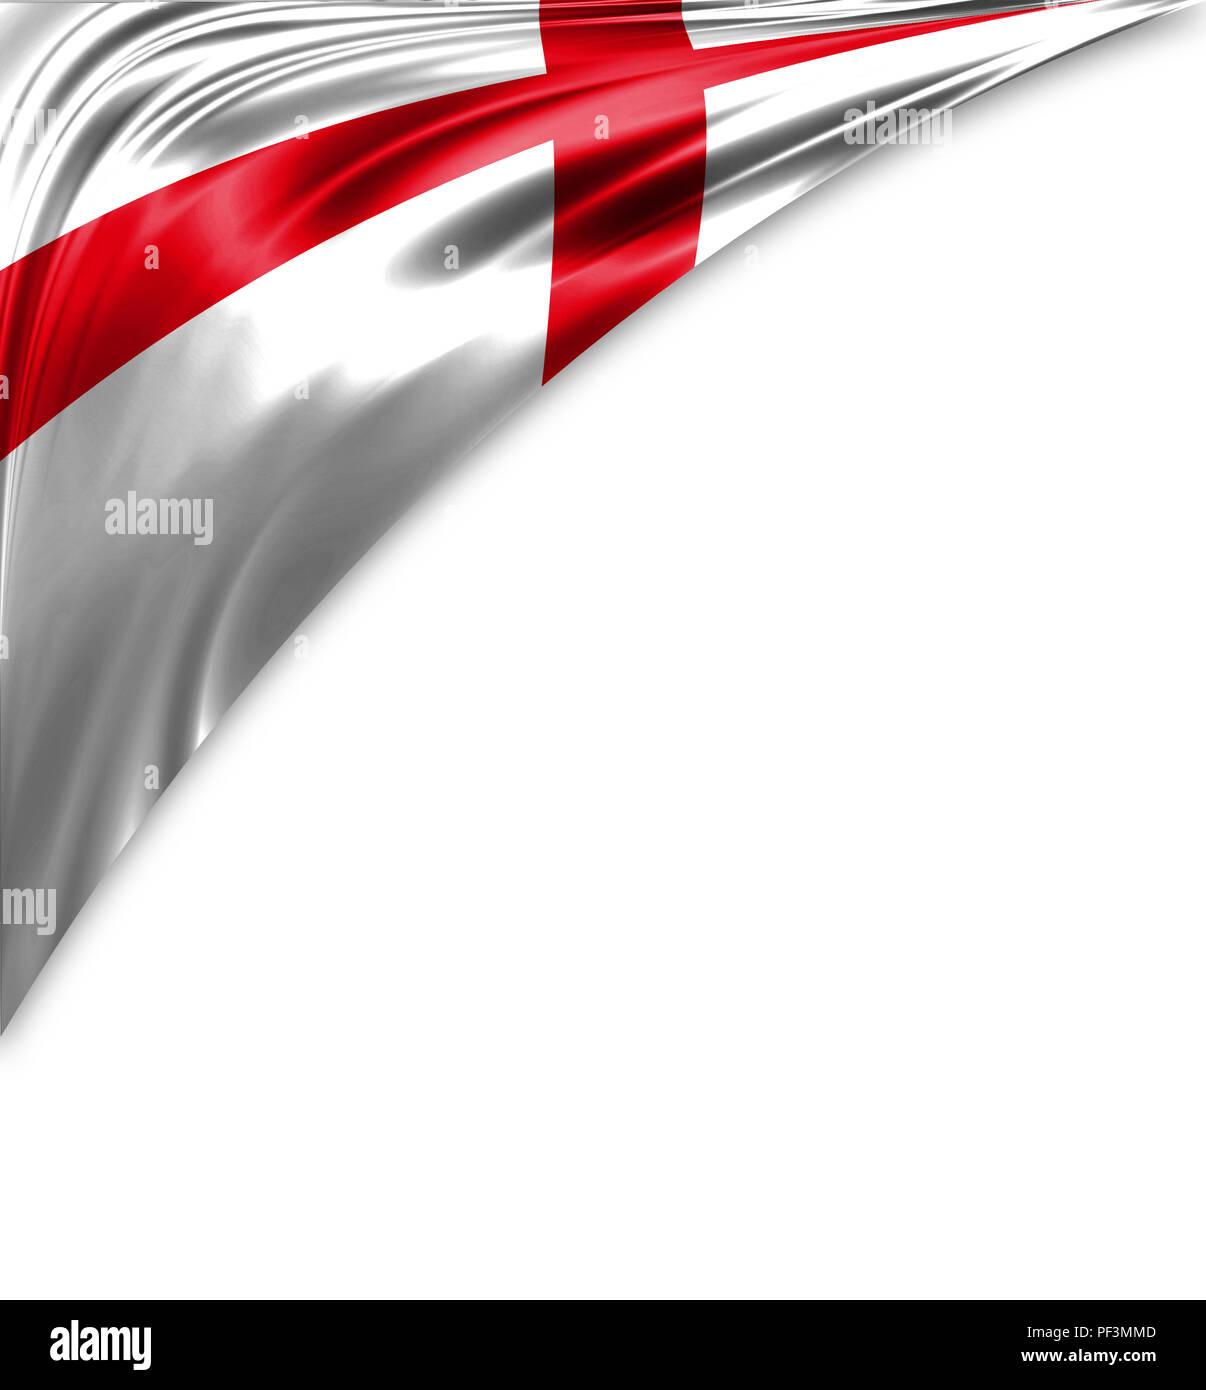 Inghilterra Bandiera Di Seta Con Copyspace Per Il Testo O Le